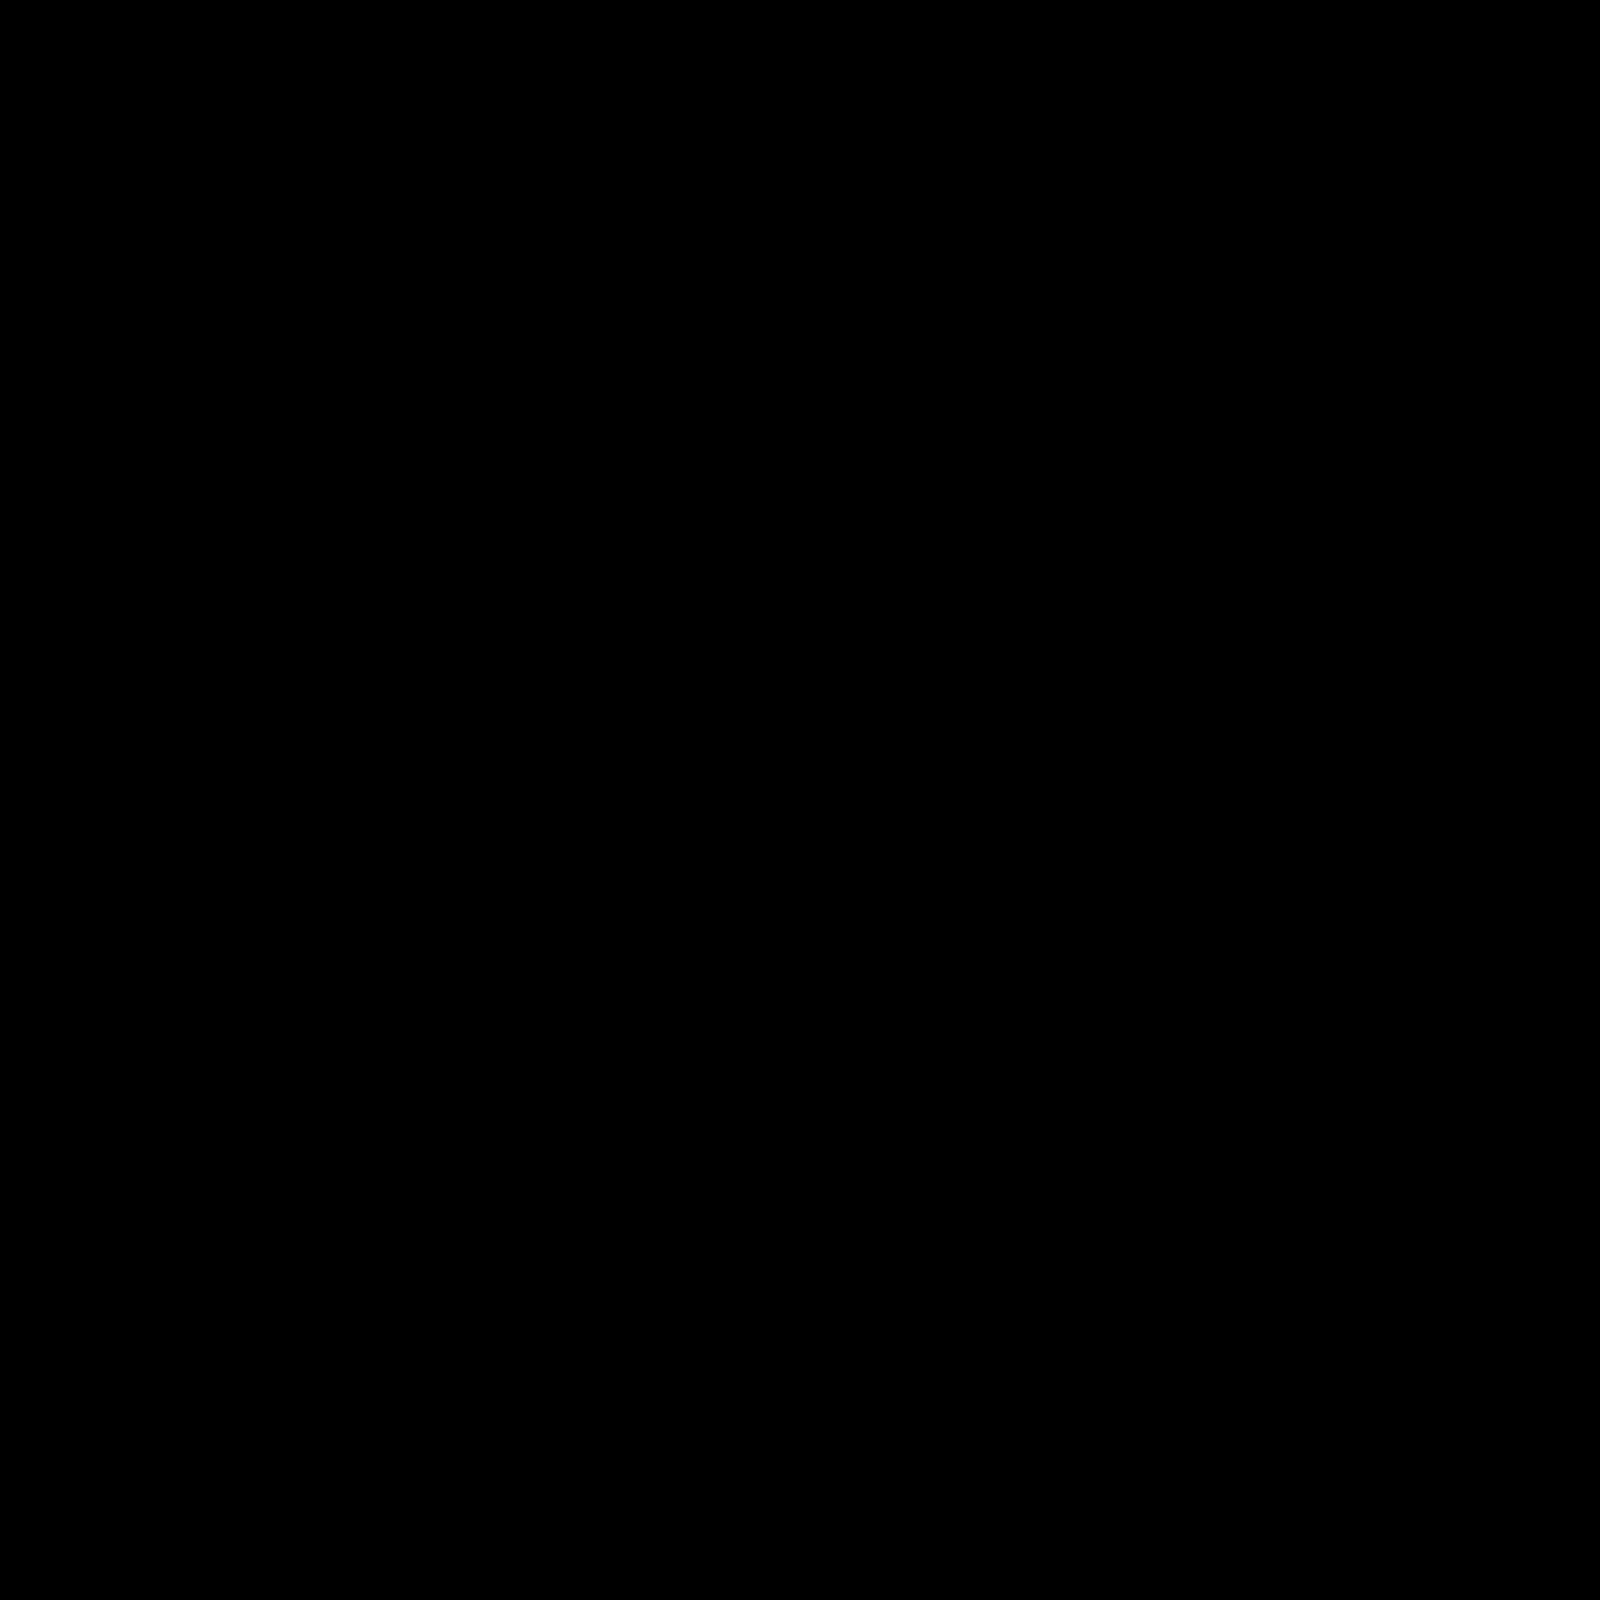 在线 icon. There is a small circle in the center and on either side of the small circle there are parenthesis or small curved lines. There is one set of small curved lines closest to the circle and another set of longer curved lines next to those.